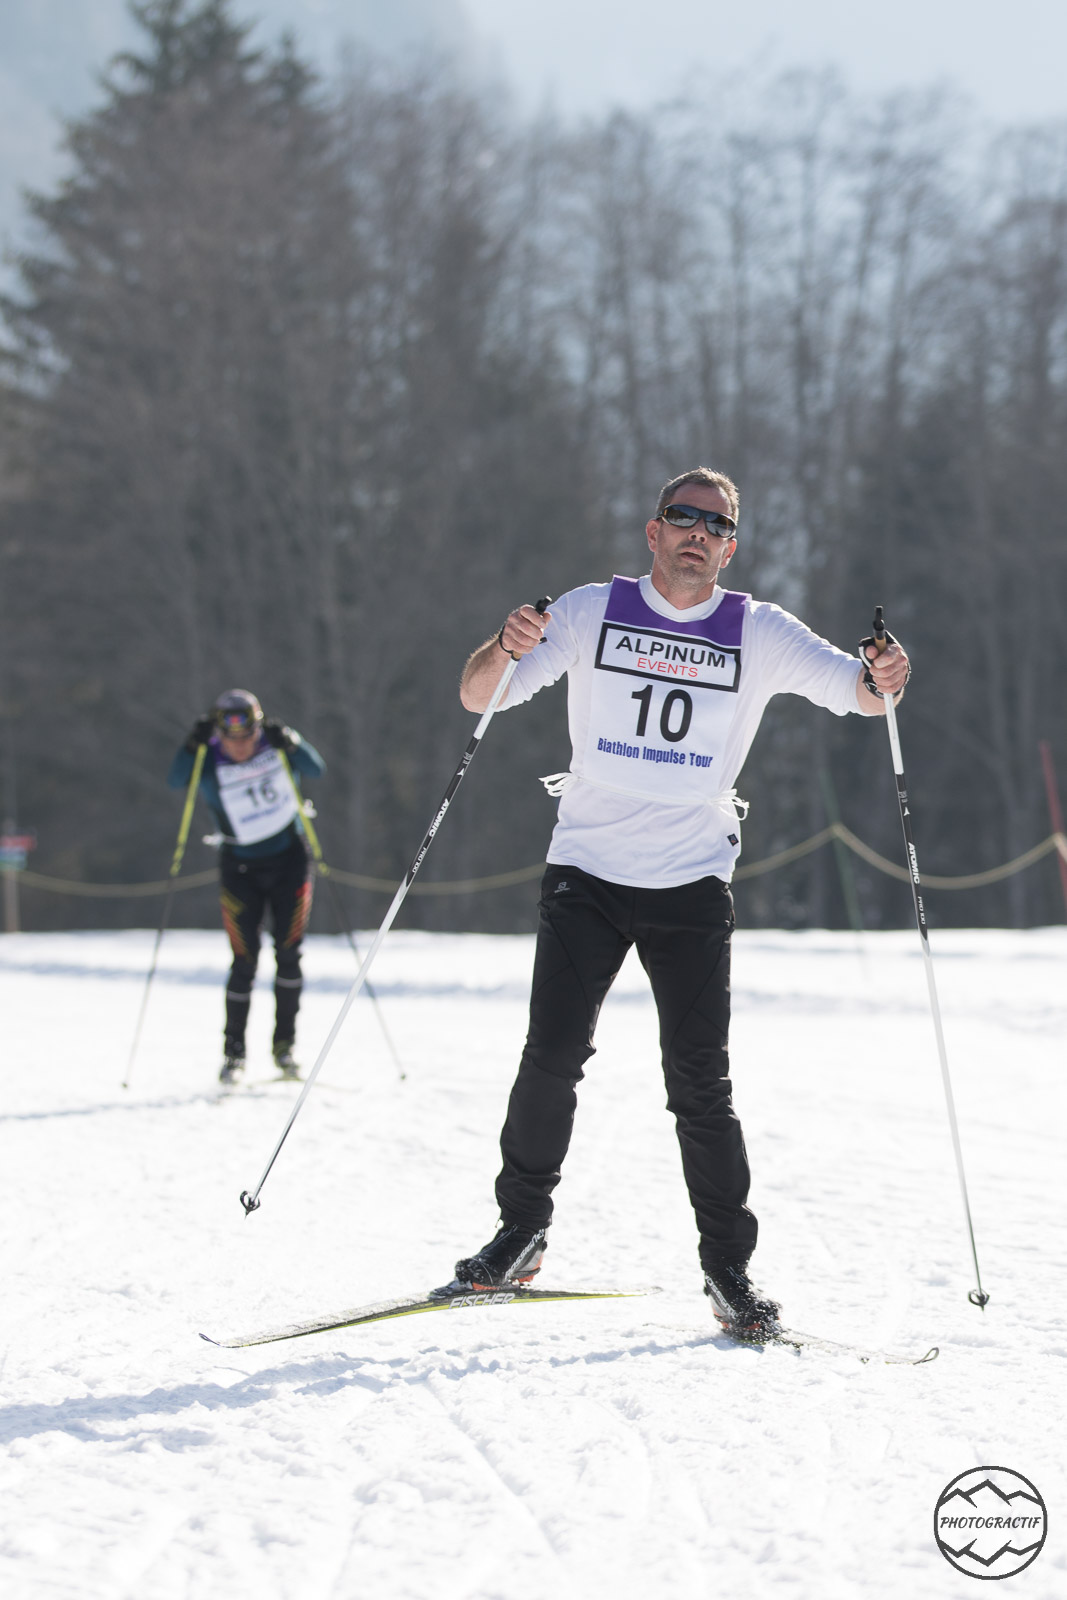 Biathlon Alpinum Les Contamines 2019 (96)